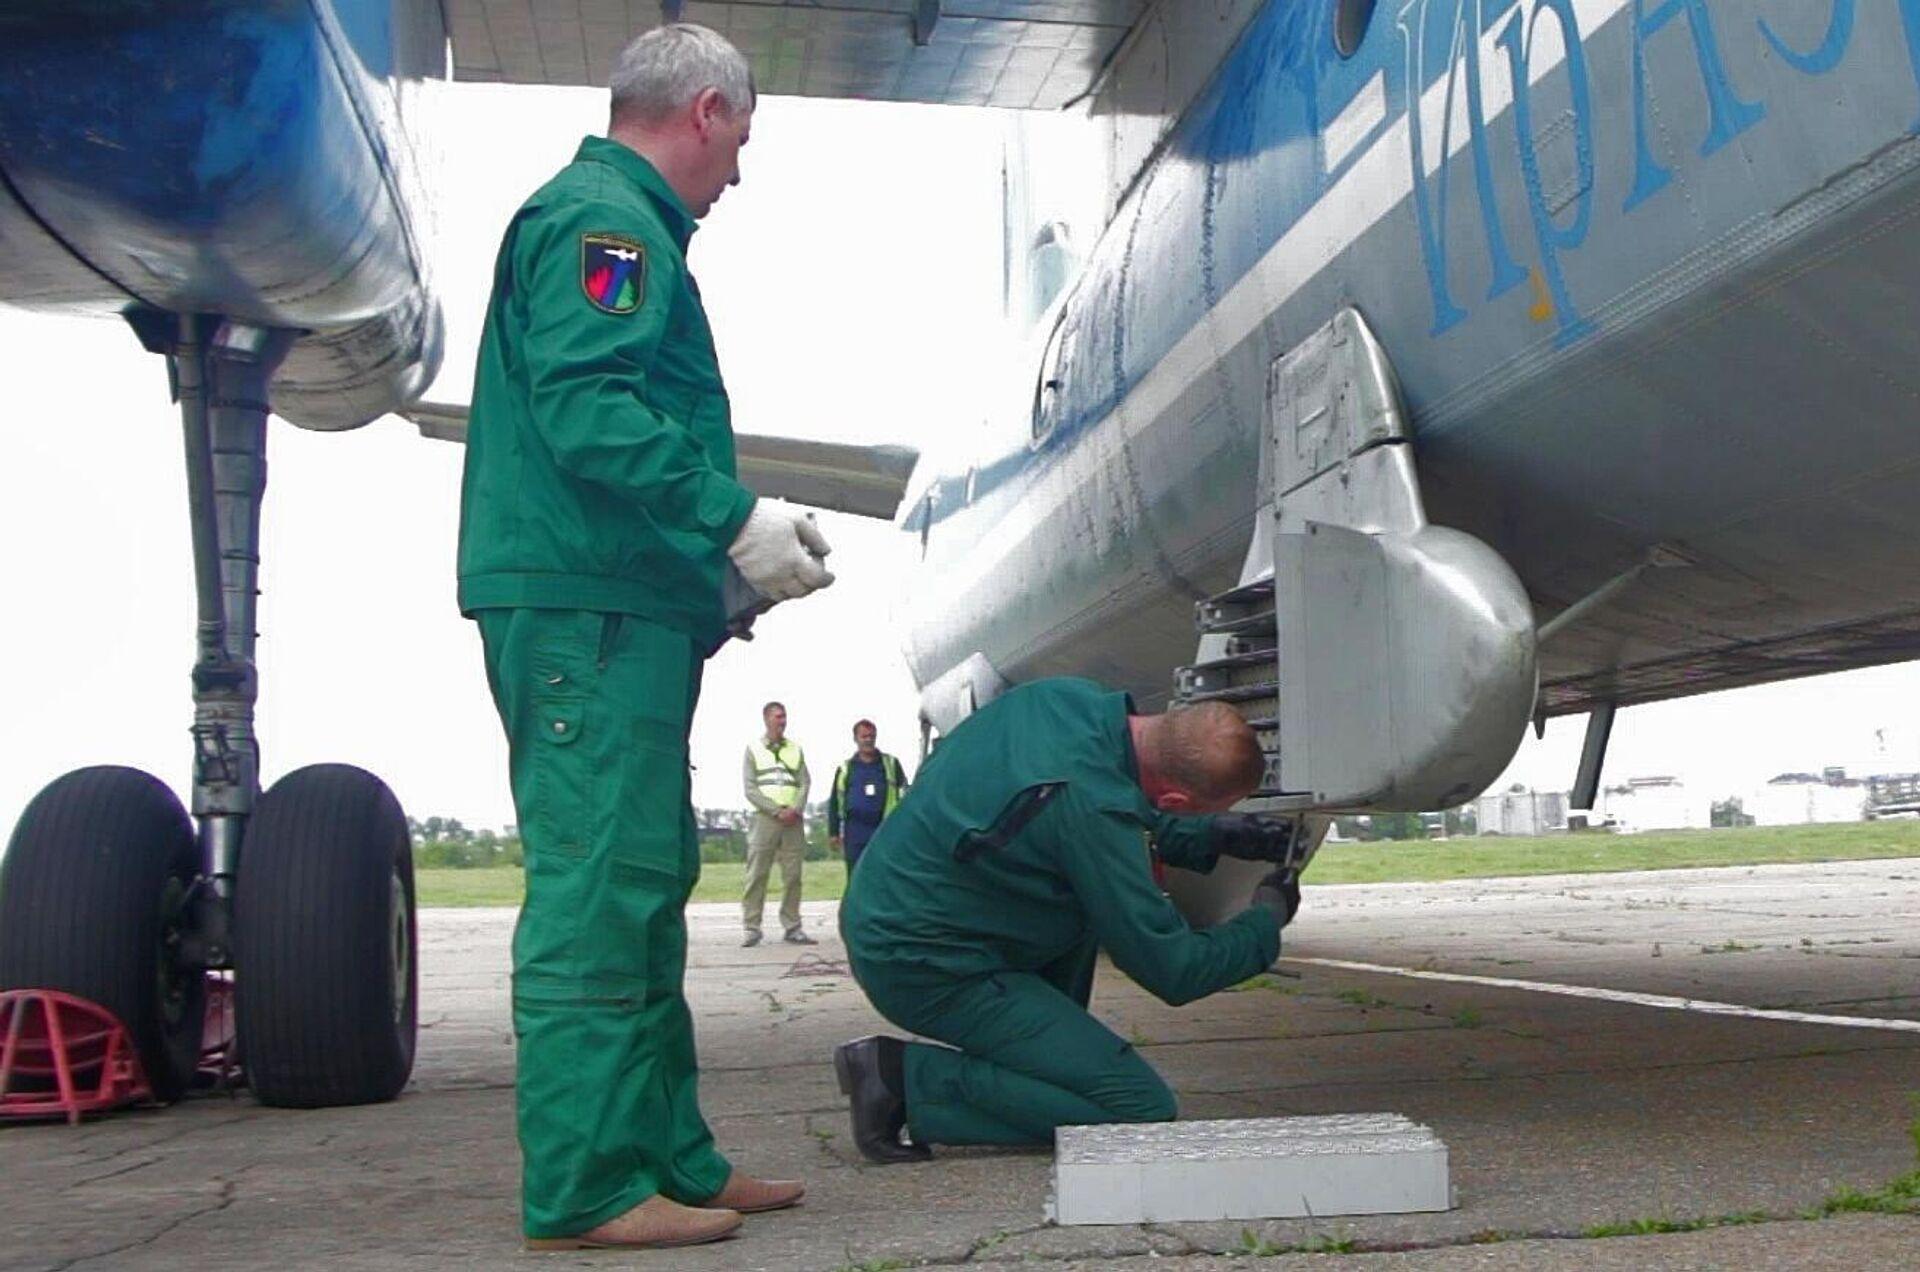 Unos trabajadores instalan cartuchos de yoduro de plata en el avión An-26 Tsiklon - Sputnik Mundo, 1920, 15.08.2021